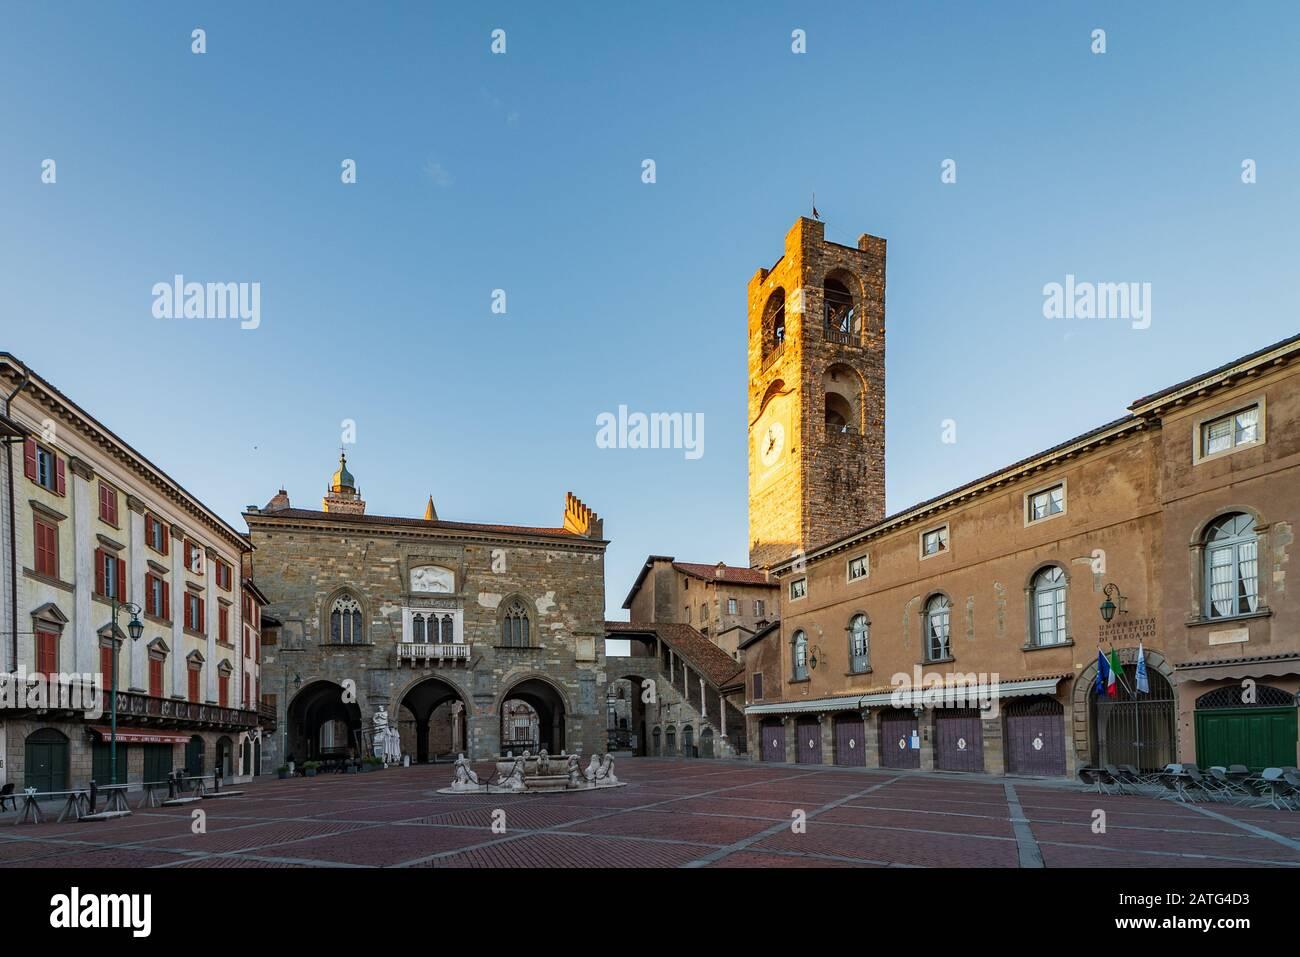 Panorama der Piazza Vecchia mit dem Contarini-Brunnen und im Hintergrund der Palazzo della Ragione und der Kirchturm, der Campanone an der Piazza V genannt wird Stockfoto